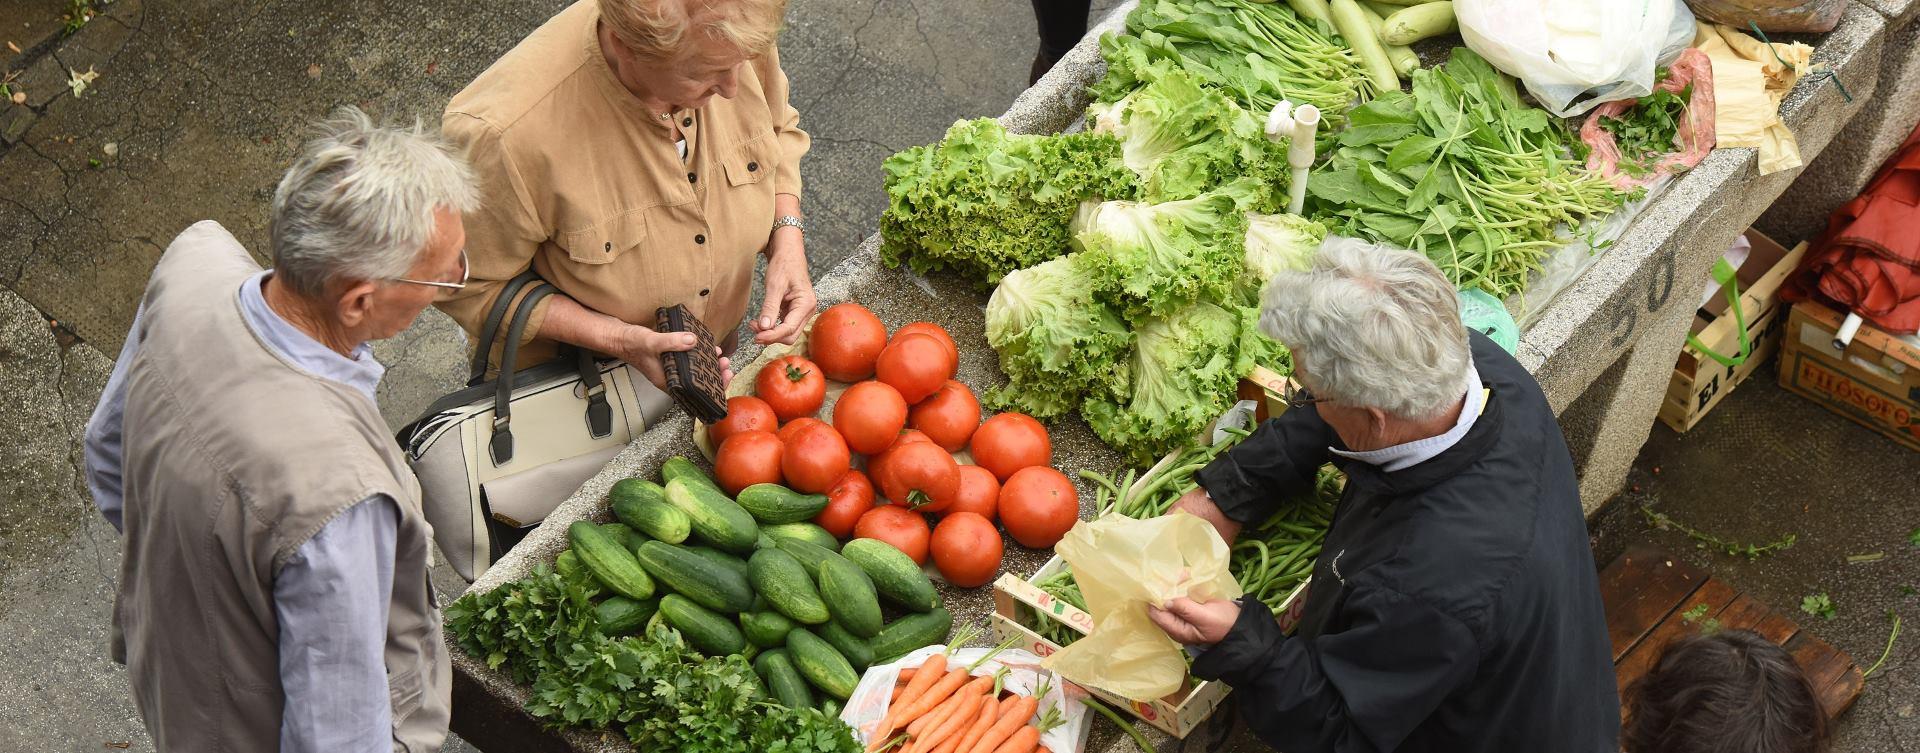 JEDITE ZDRAVO Flavonoidi iz voća i povrća sprečavaju debljanje